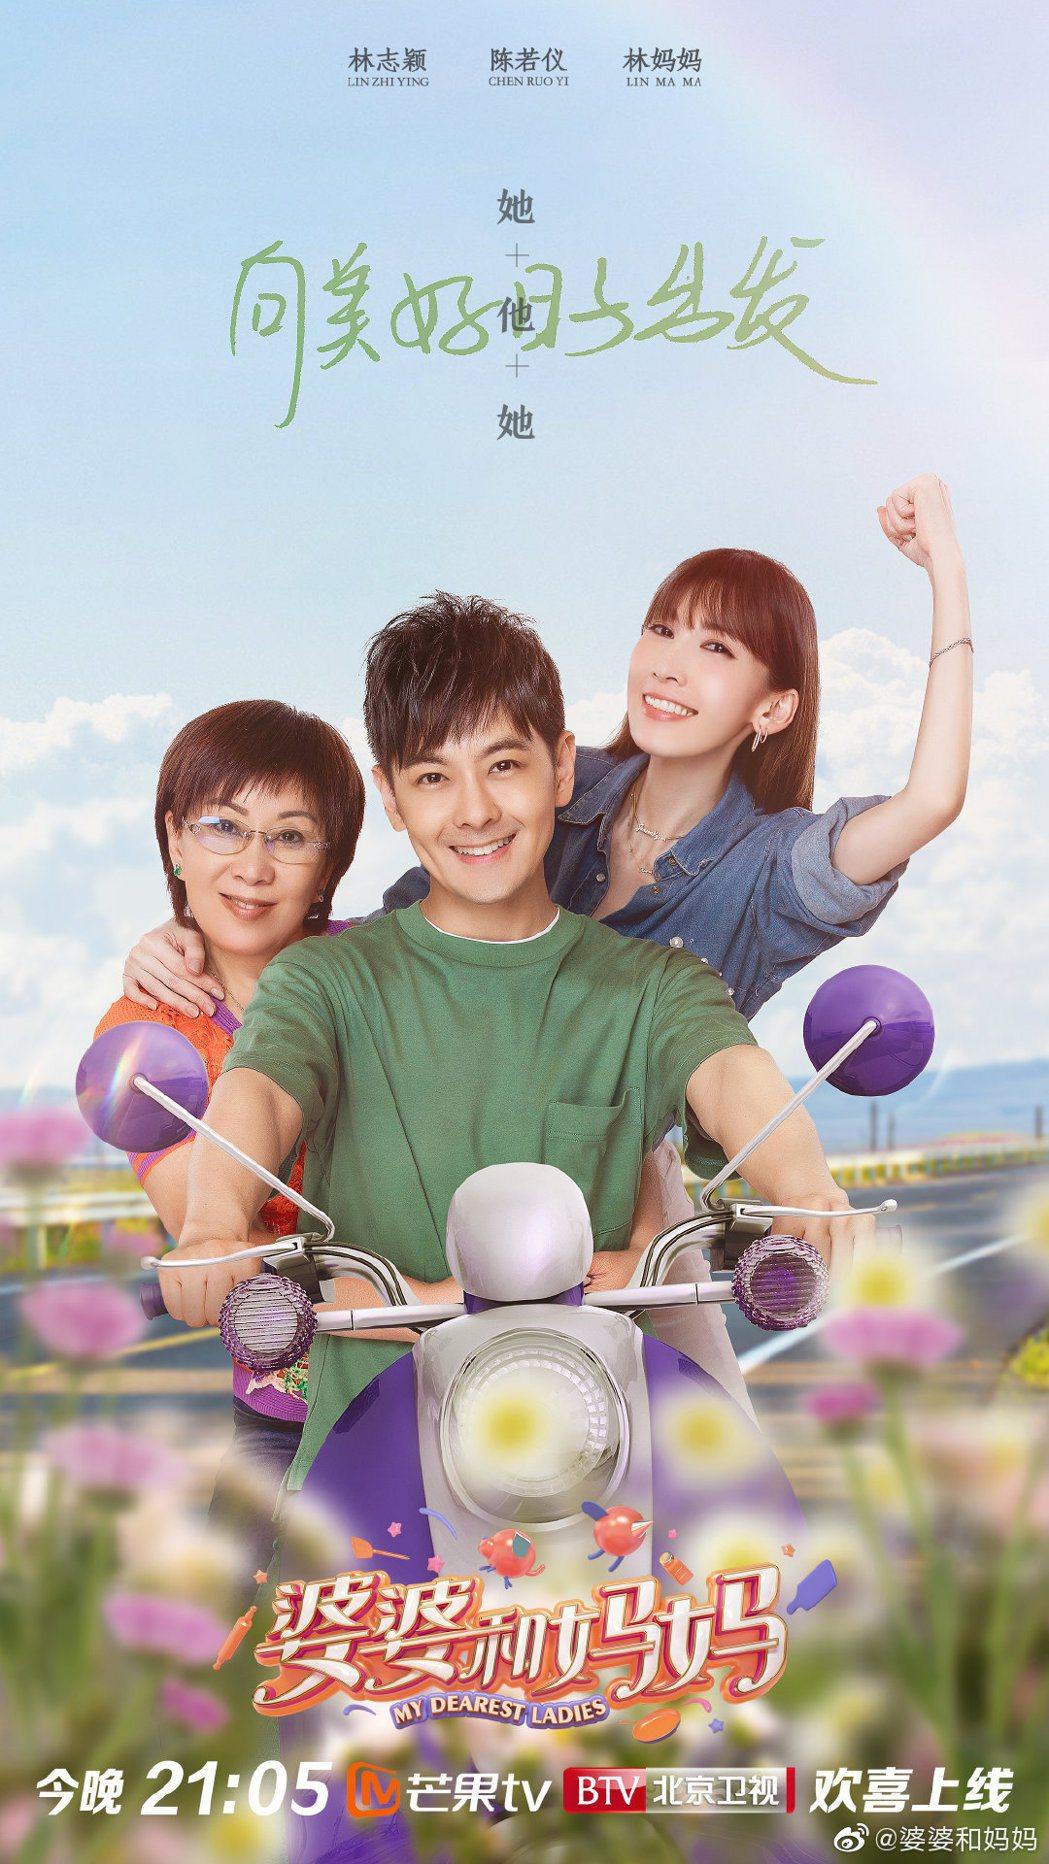 林志穎帶著媽媽與老婆參加實境節目「婆婆和媽媽」。 圖/擷自婆婆和媽媽微博